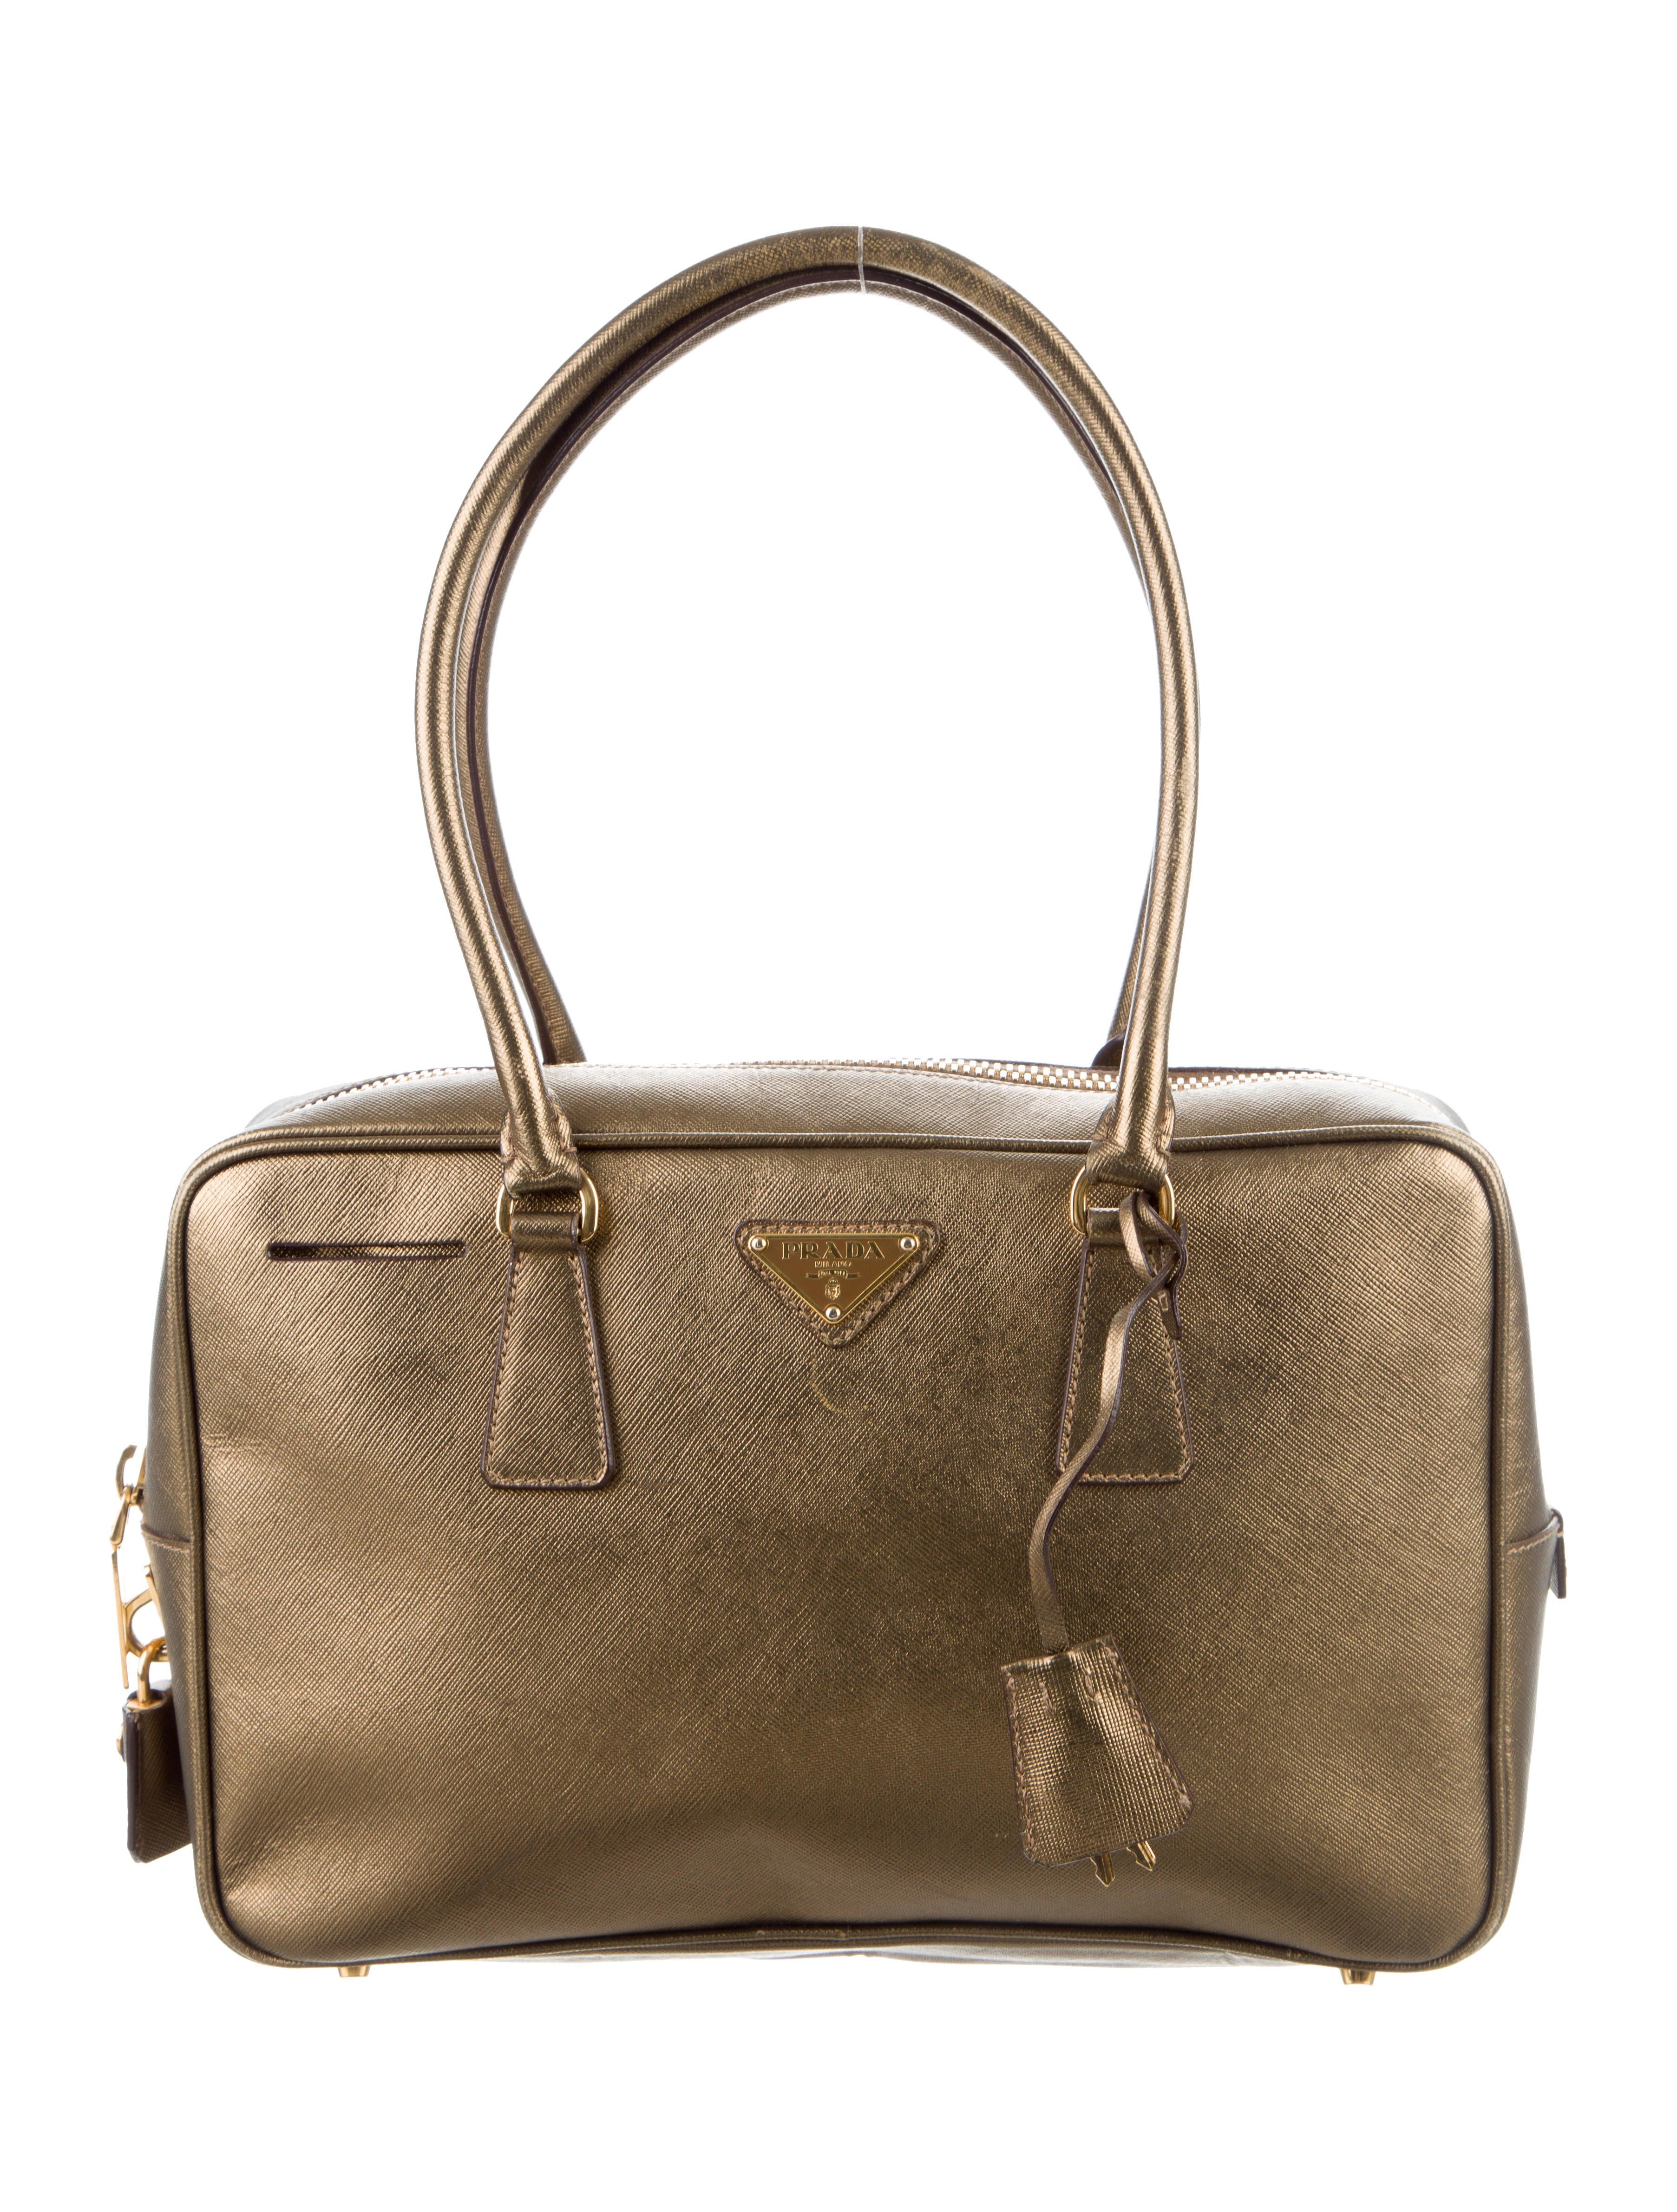 3e3ed53dda Prada Saffiano Suitcase | IUCN Water